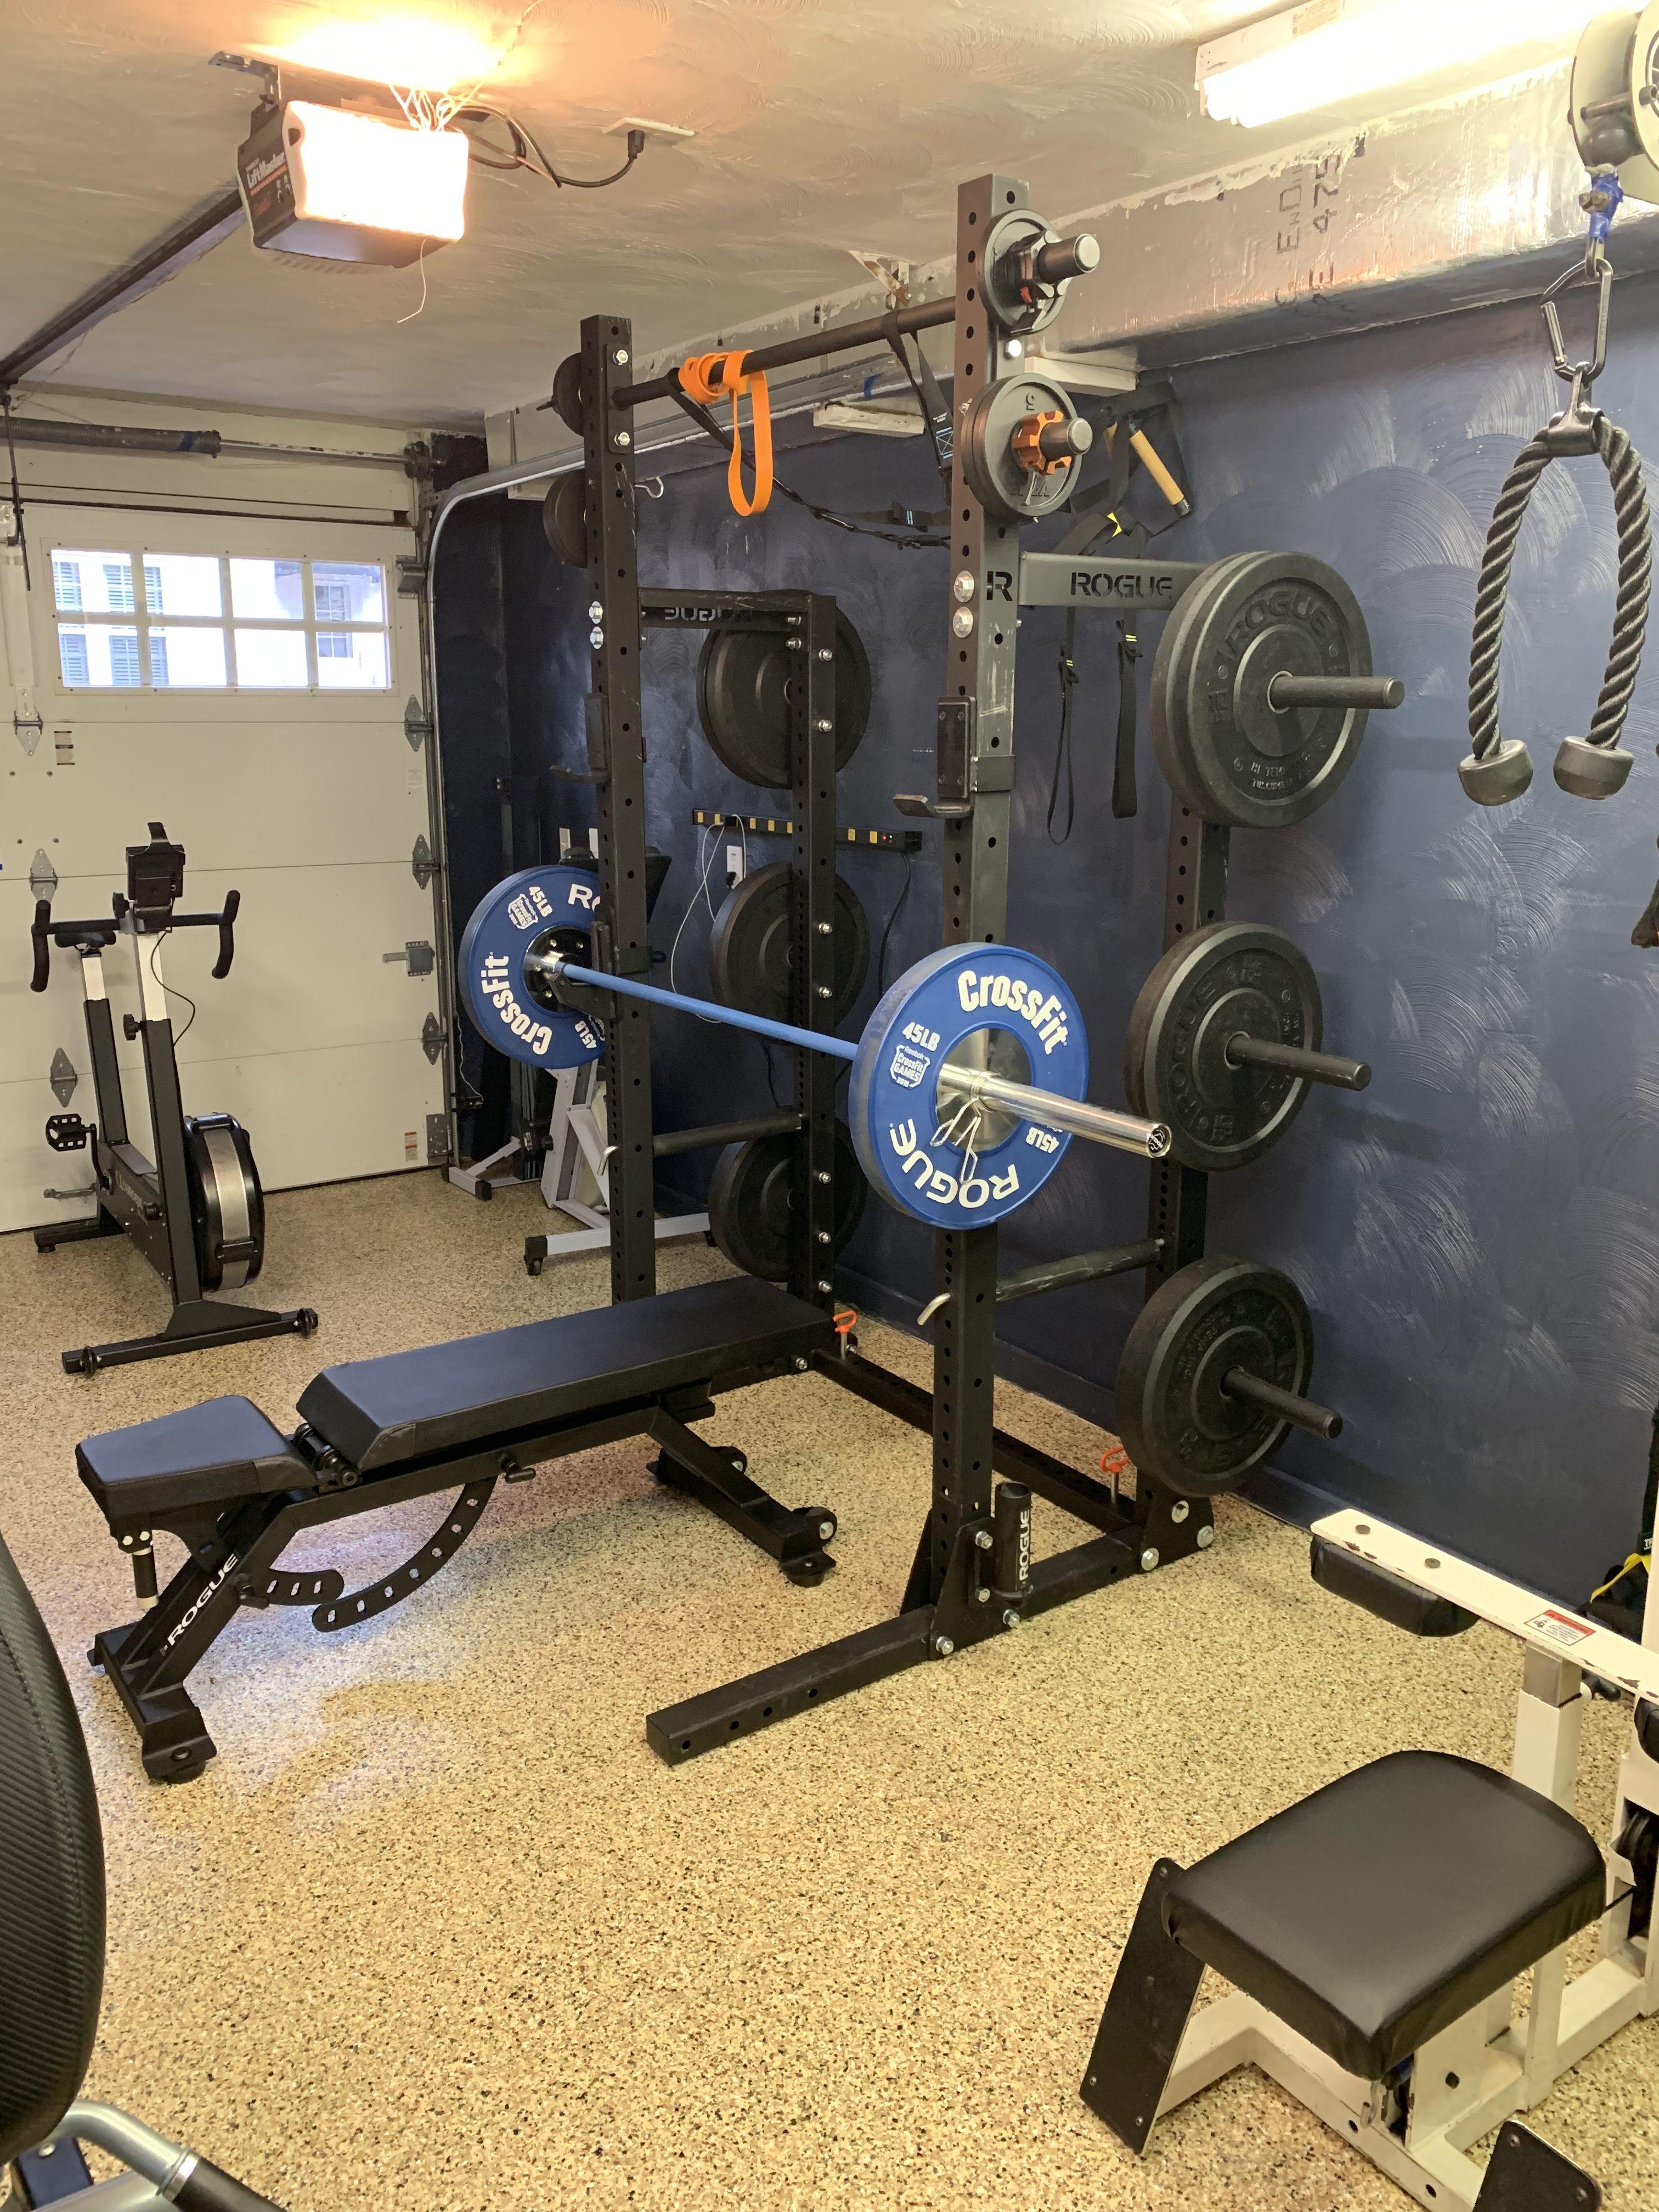 Pin By Roberto Benitez On Gym Home Gym Garage Home Gym Basement Gym Room